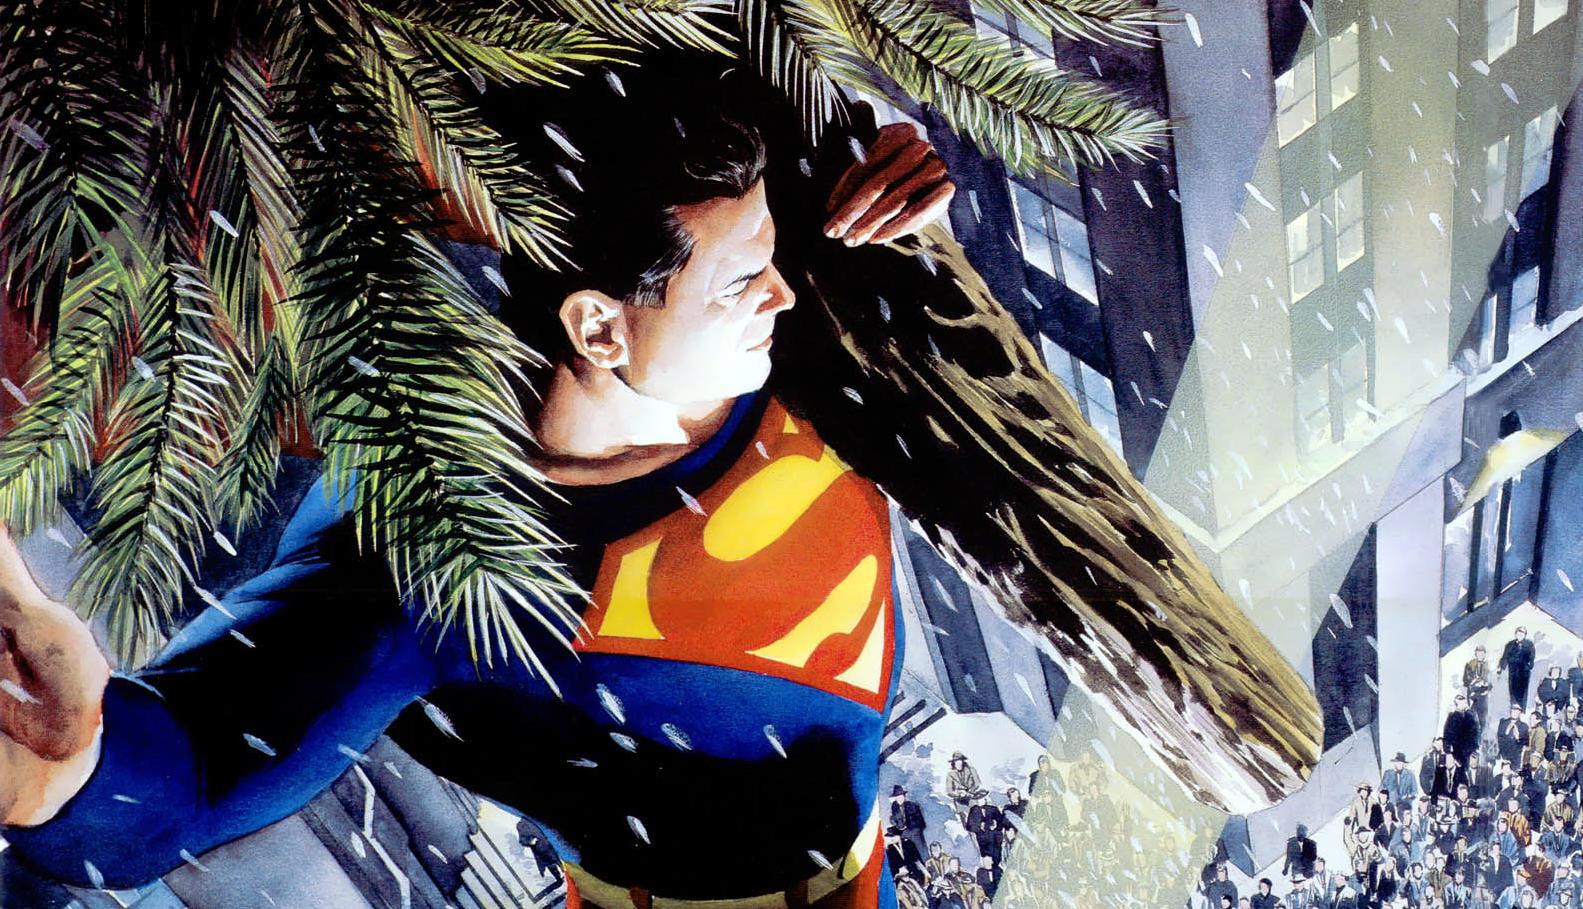 Képregényajánló: Superman - Béke a földön (Peace on earth)